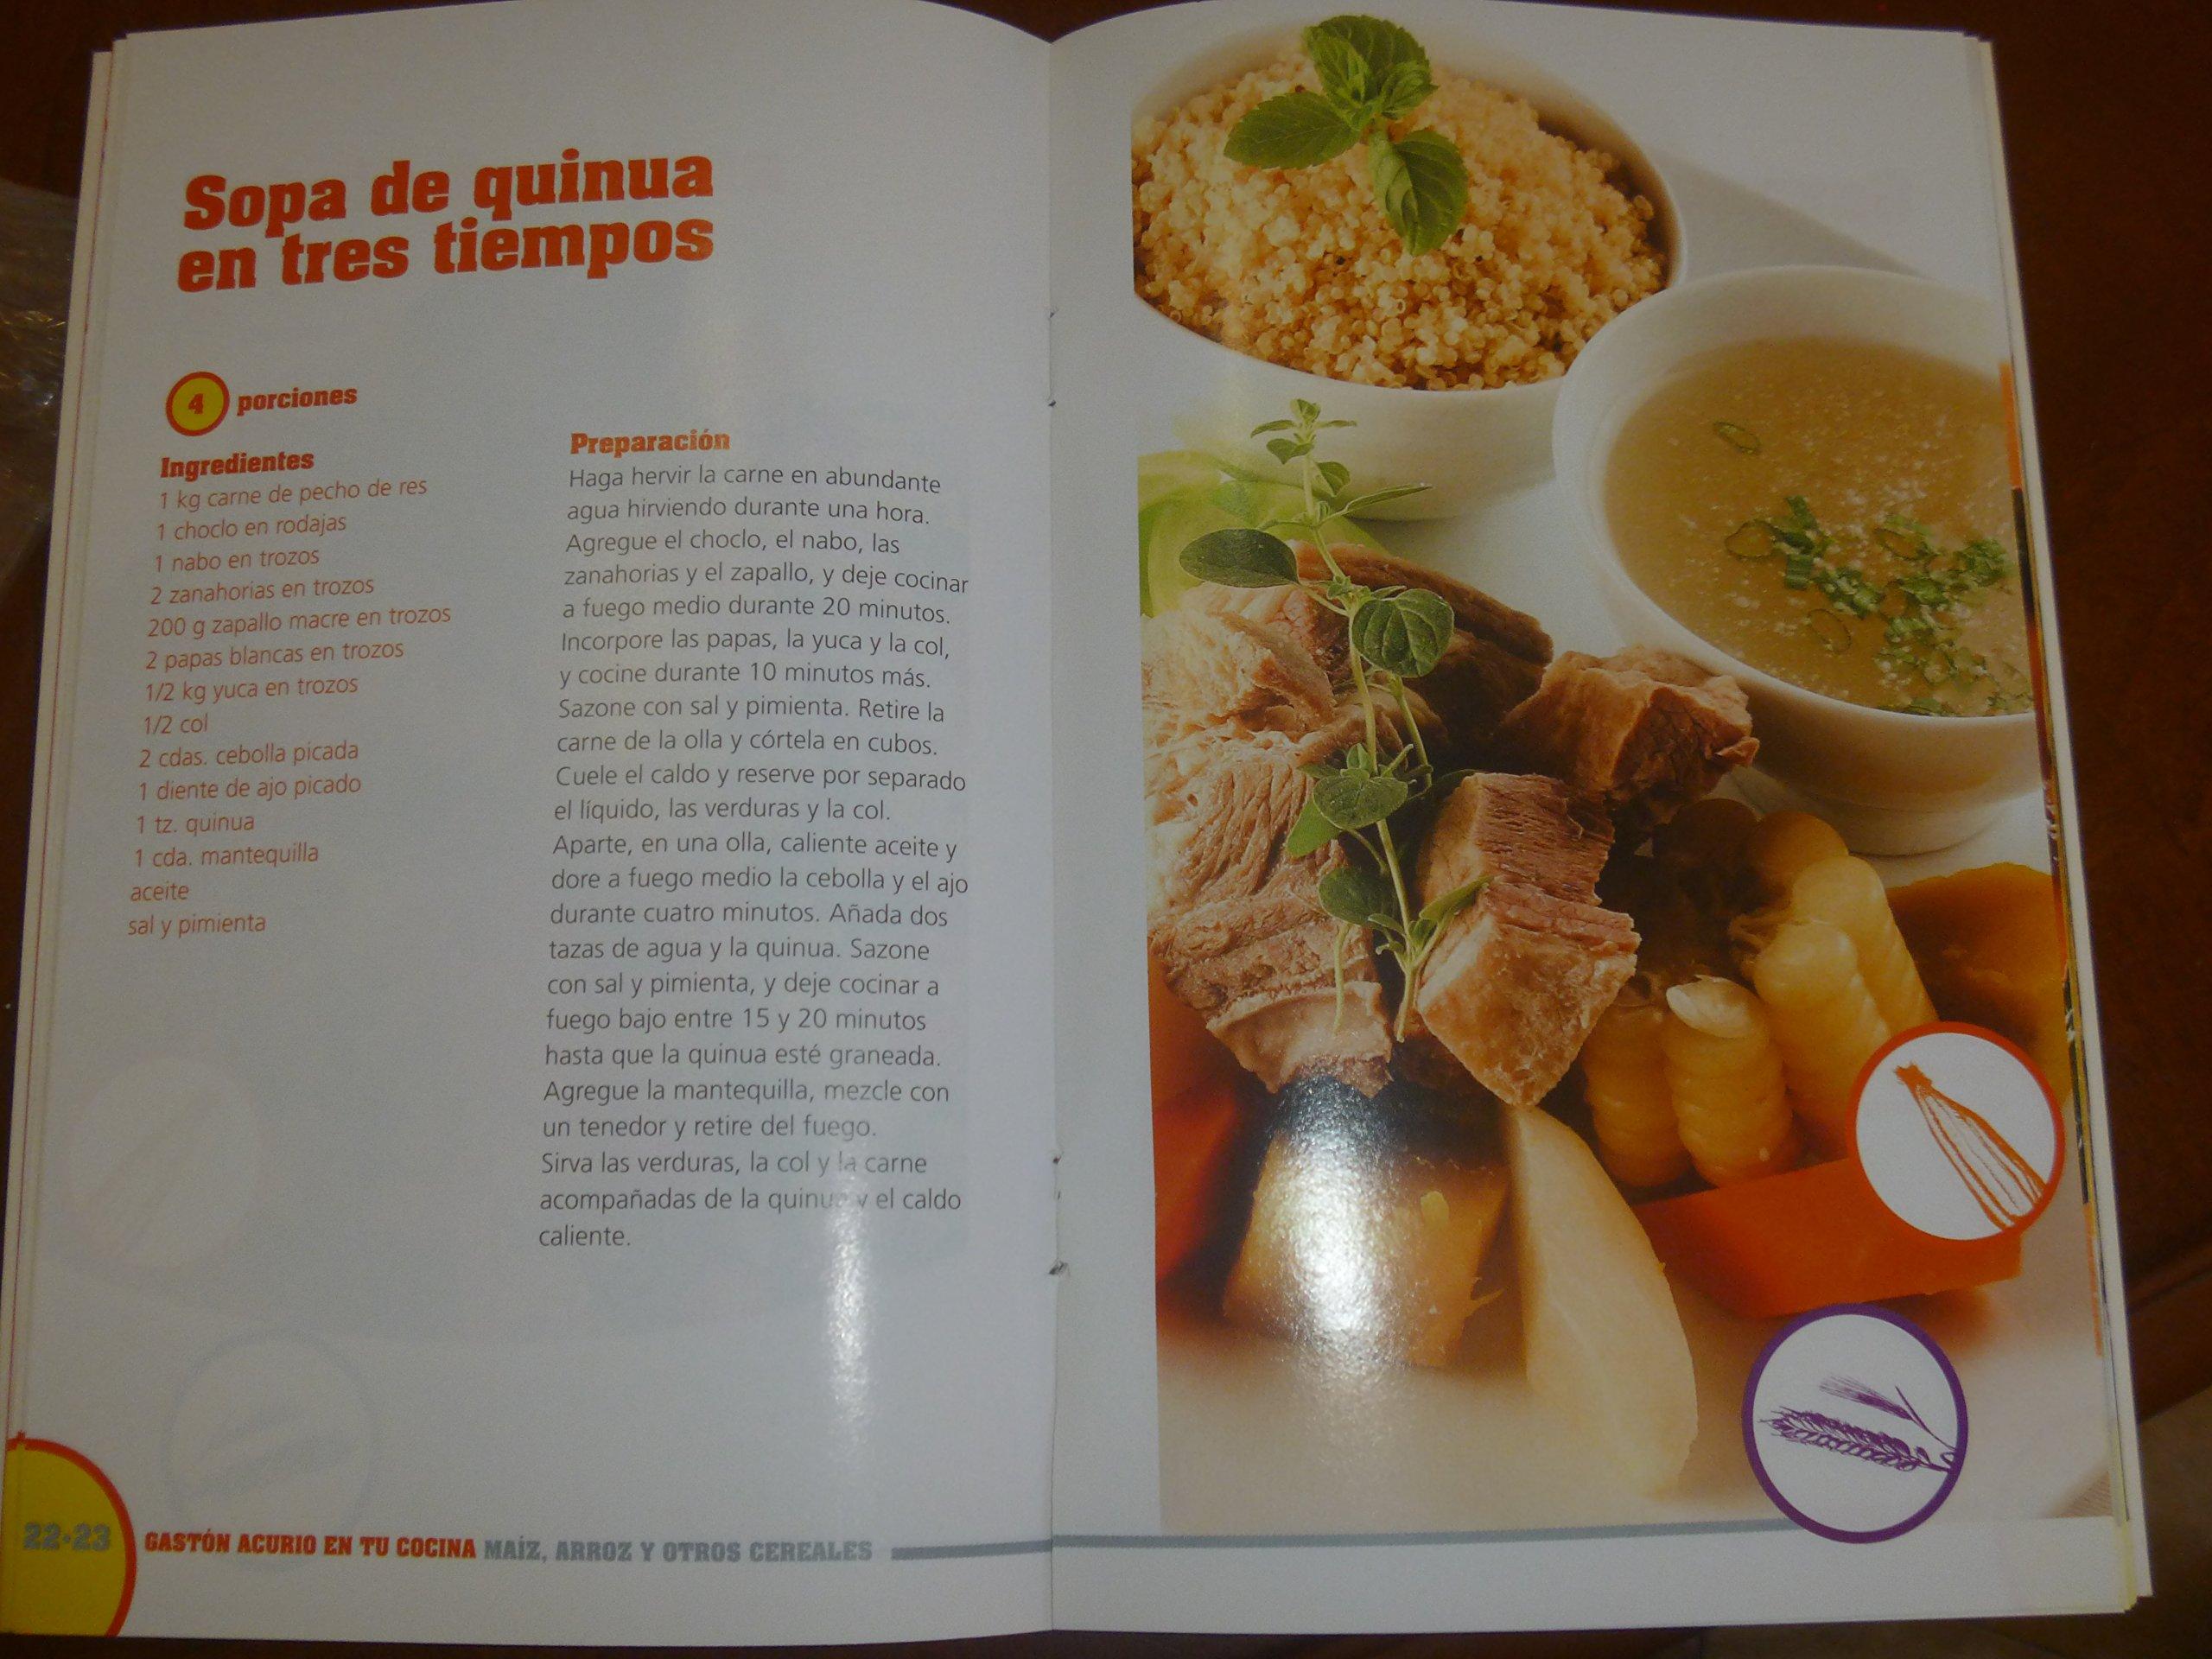 Maiz, Arroz Y Otros Cereales By Gaston Acurio: Gaston Acurrio: 9786124032332: Amazon.com: Books